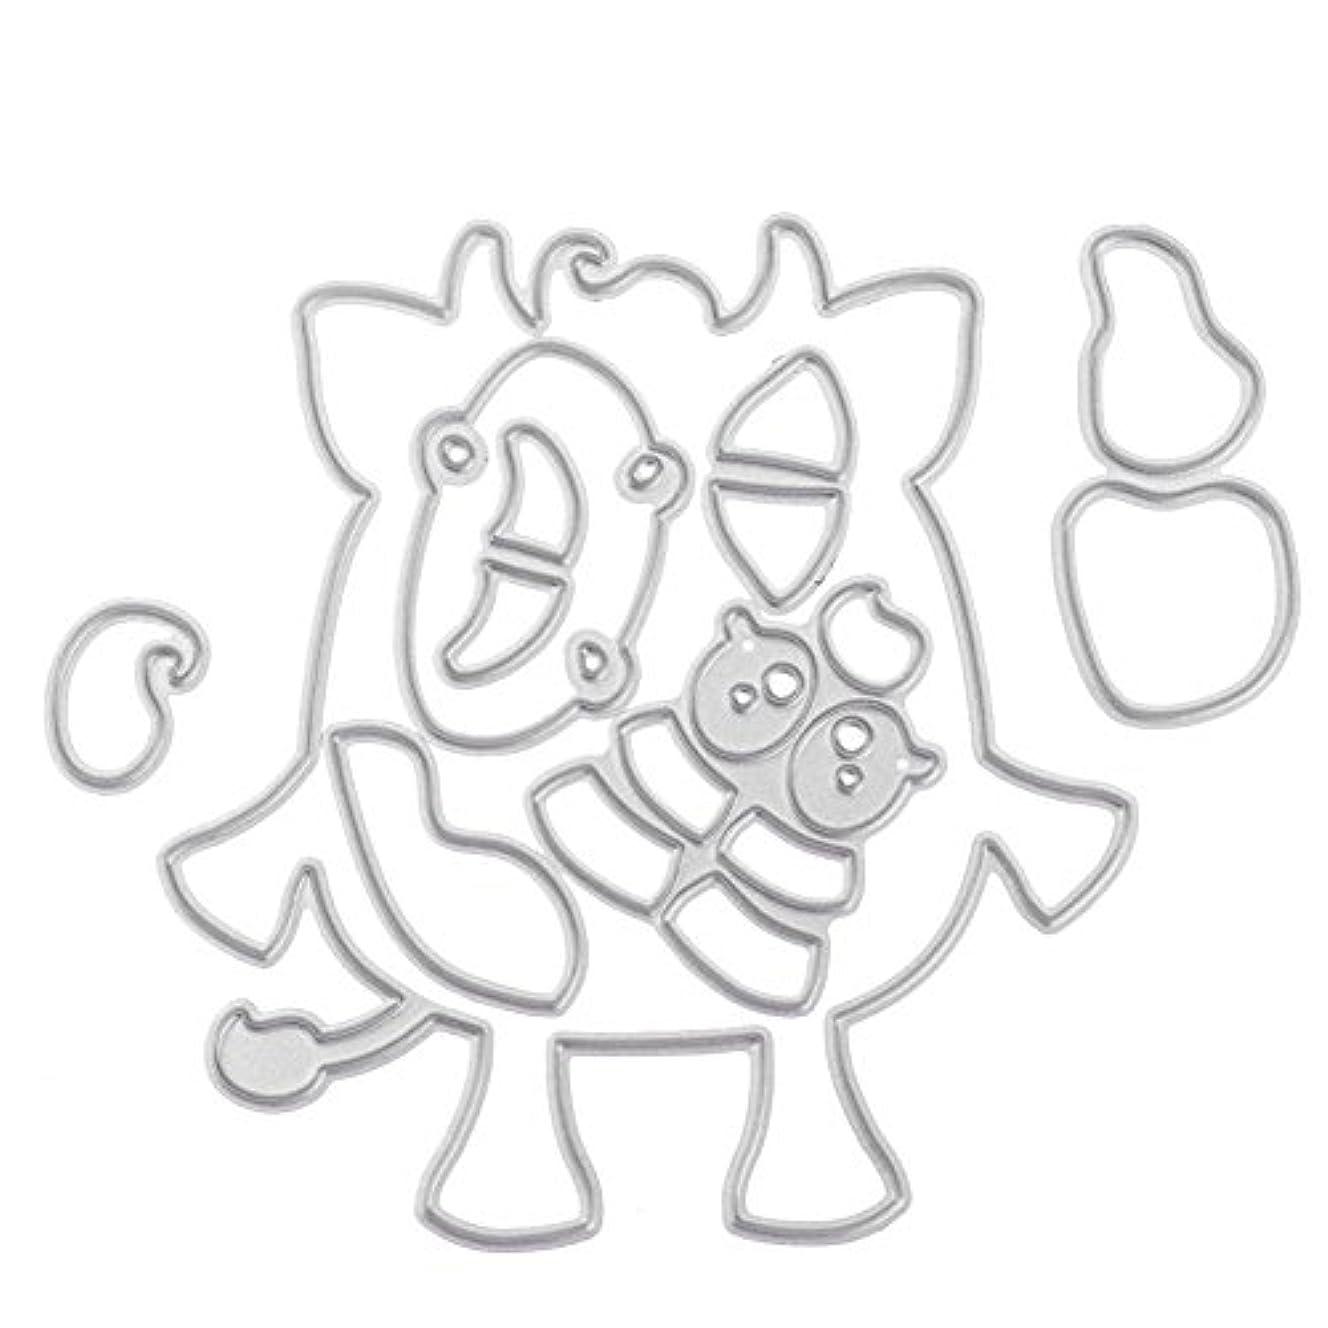 料理派手ラショナルTrendyest カード作り道具 ダイカットテンプレート スクラップブック 誕生日 結婚式 パーティー お祝い 雰囲気 紙飾り用具 切り抜き紙が作れる型?猫型